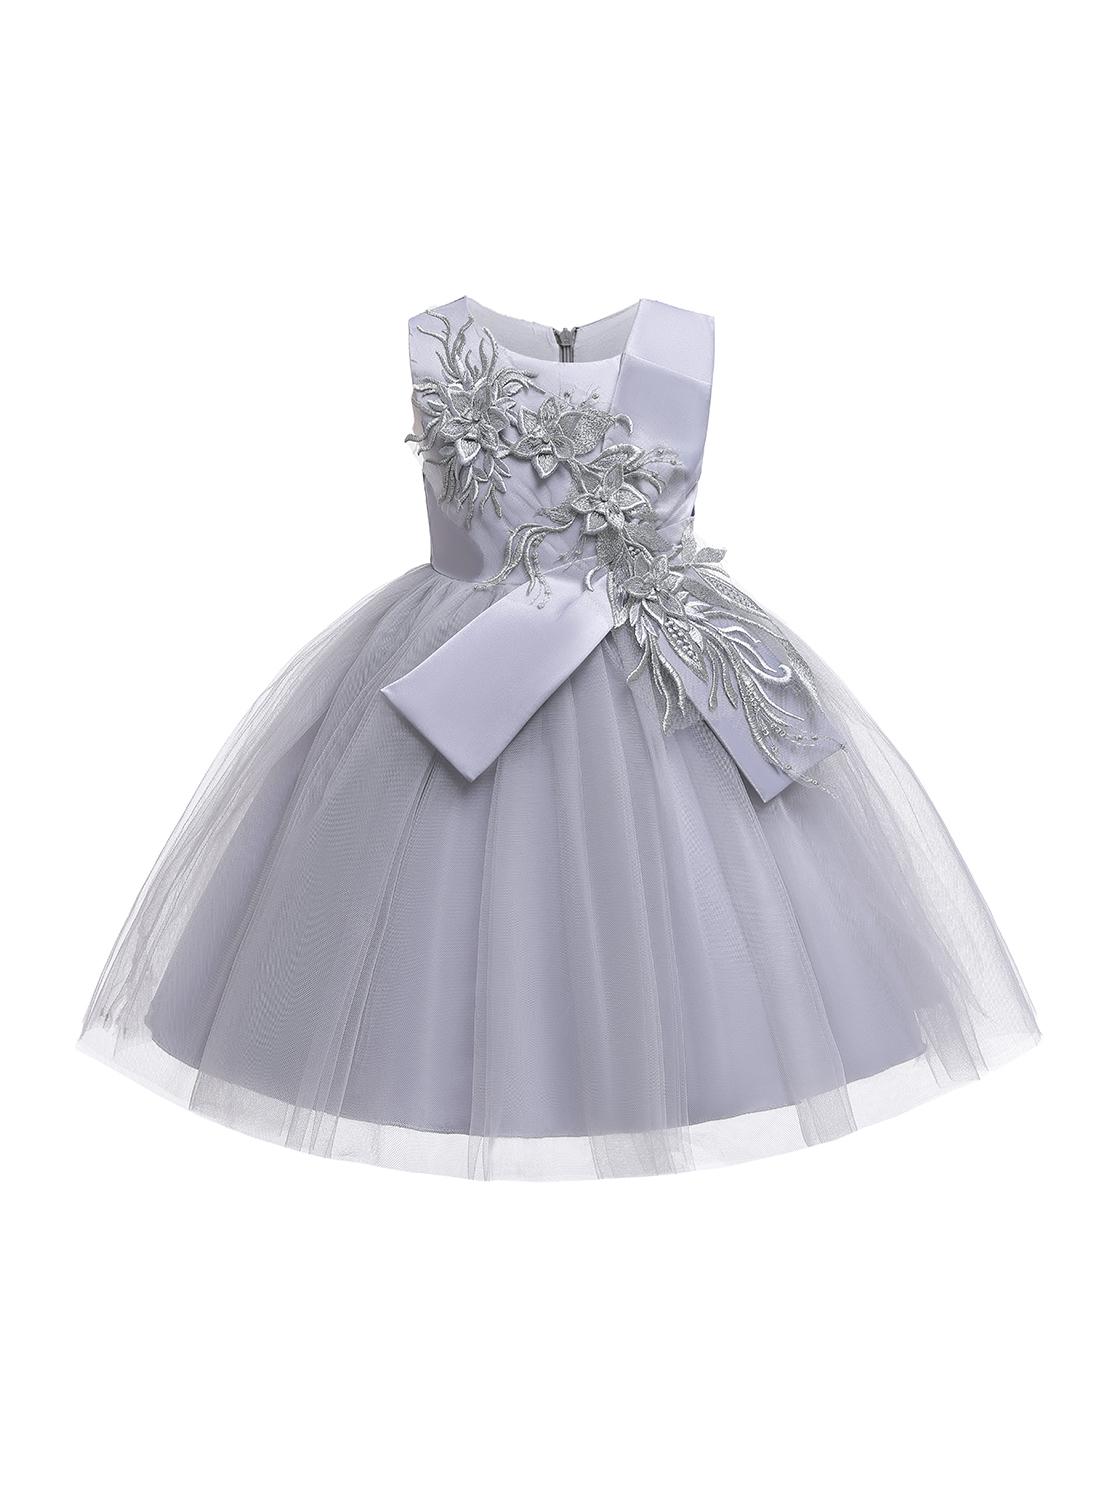 Cute Applique Gauze Patchwork Wedding Dresses For Girls